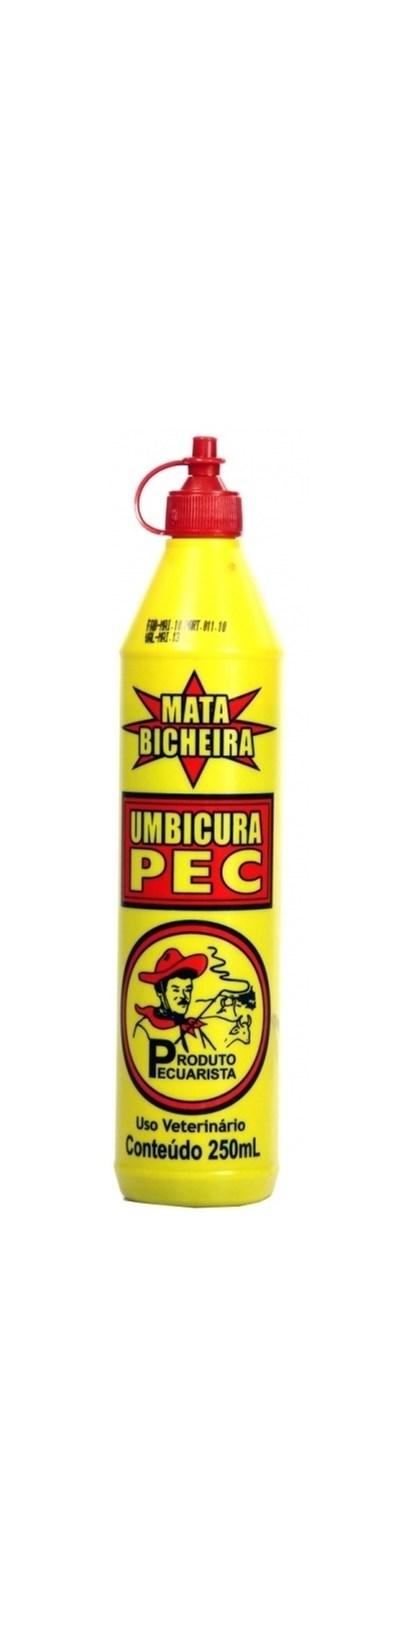 MATABICHEIRA UMBICURA PEC 250 ML